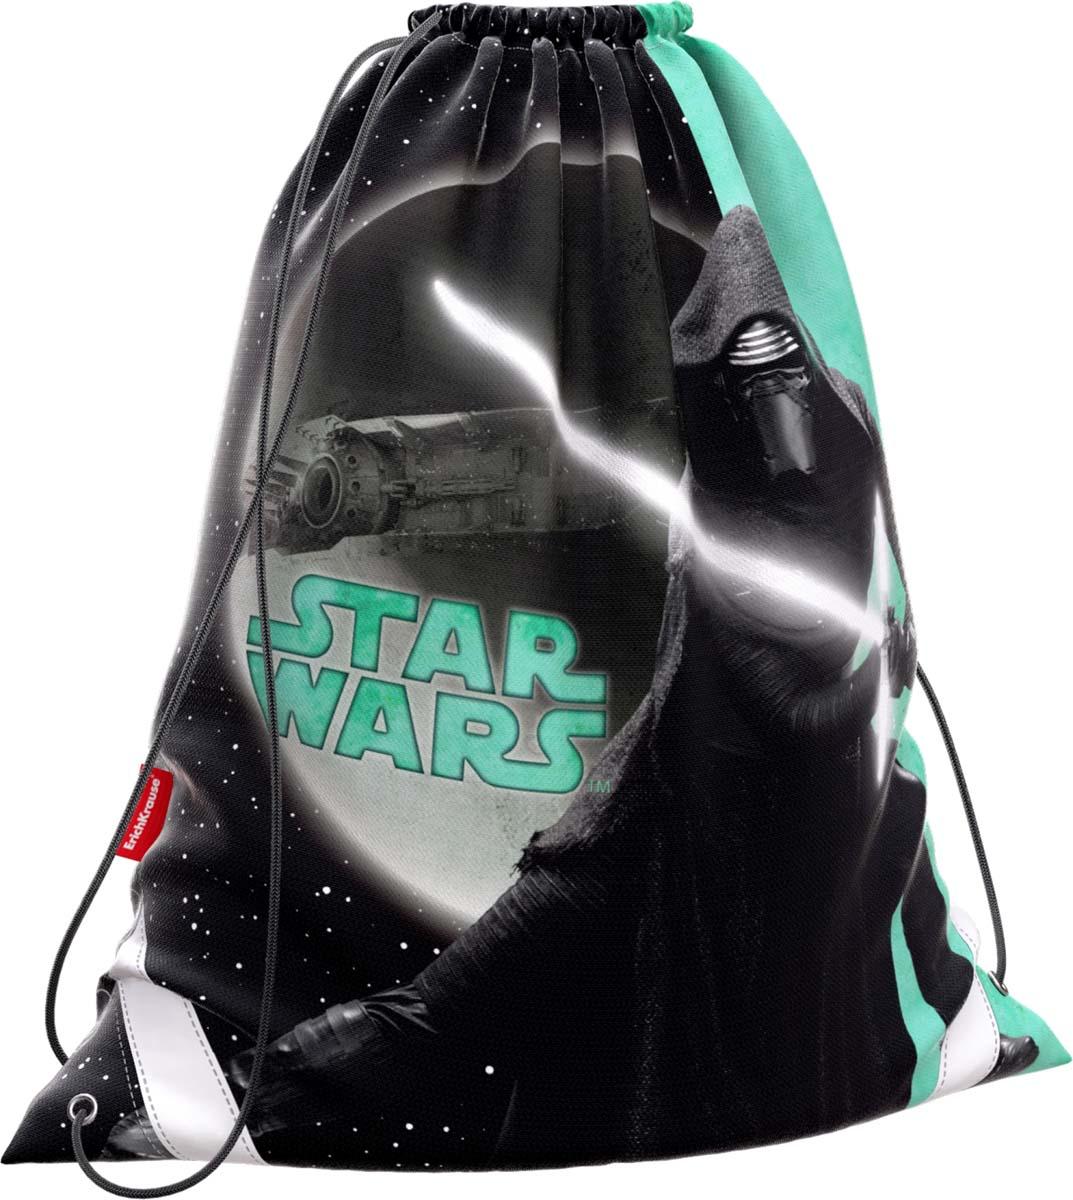 Disney Сумка для сменной обуви Звездные войны Свет далеких планет disney disney школьной зрачки девушка 3 4 6 сортов отдыха и путешествия плеча сумка 0168 розовых детского рюкзак